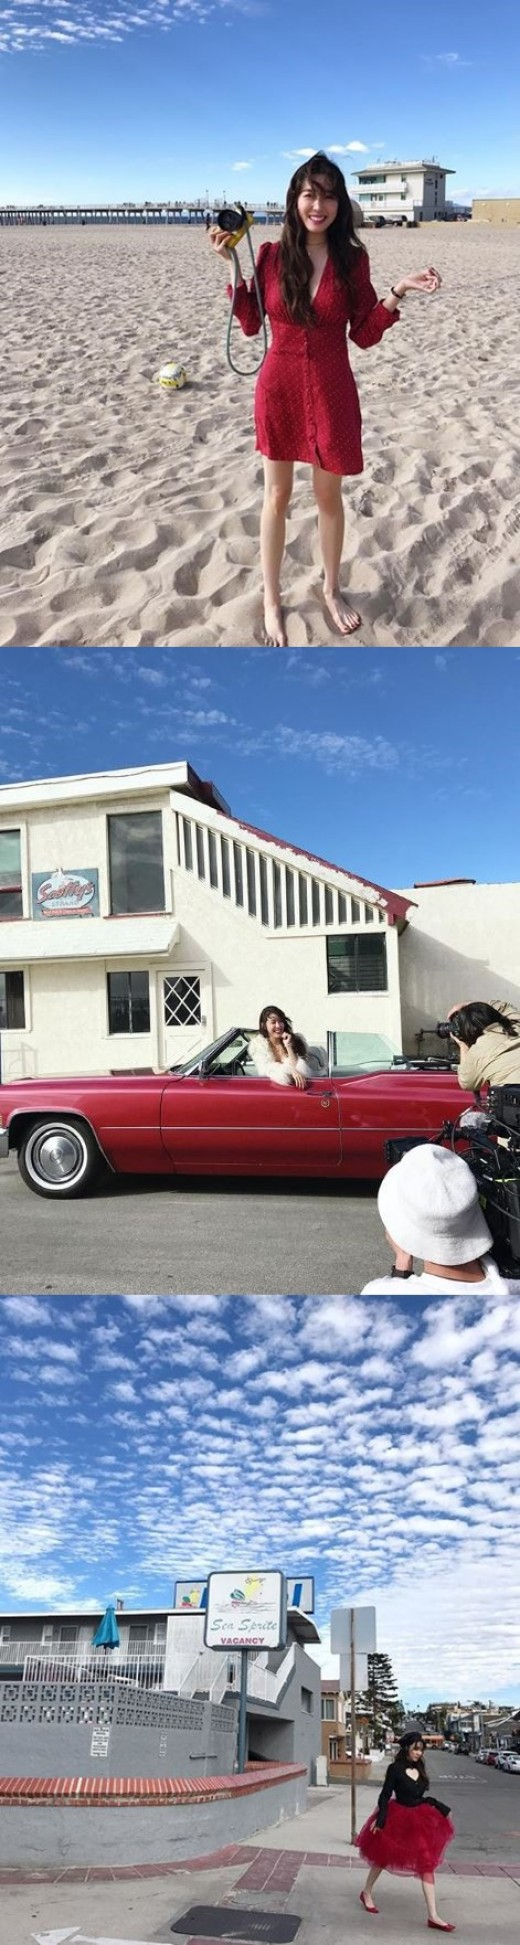 소녀시대 떠난 티파니, 美 캘리포니아서 화보 촬영 중